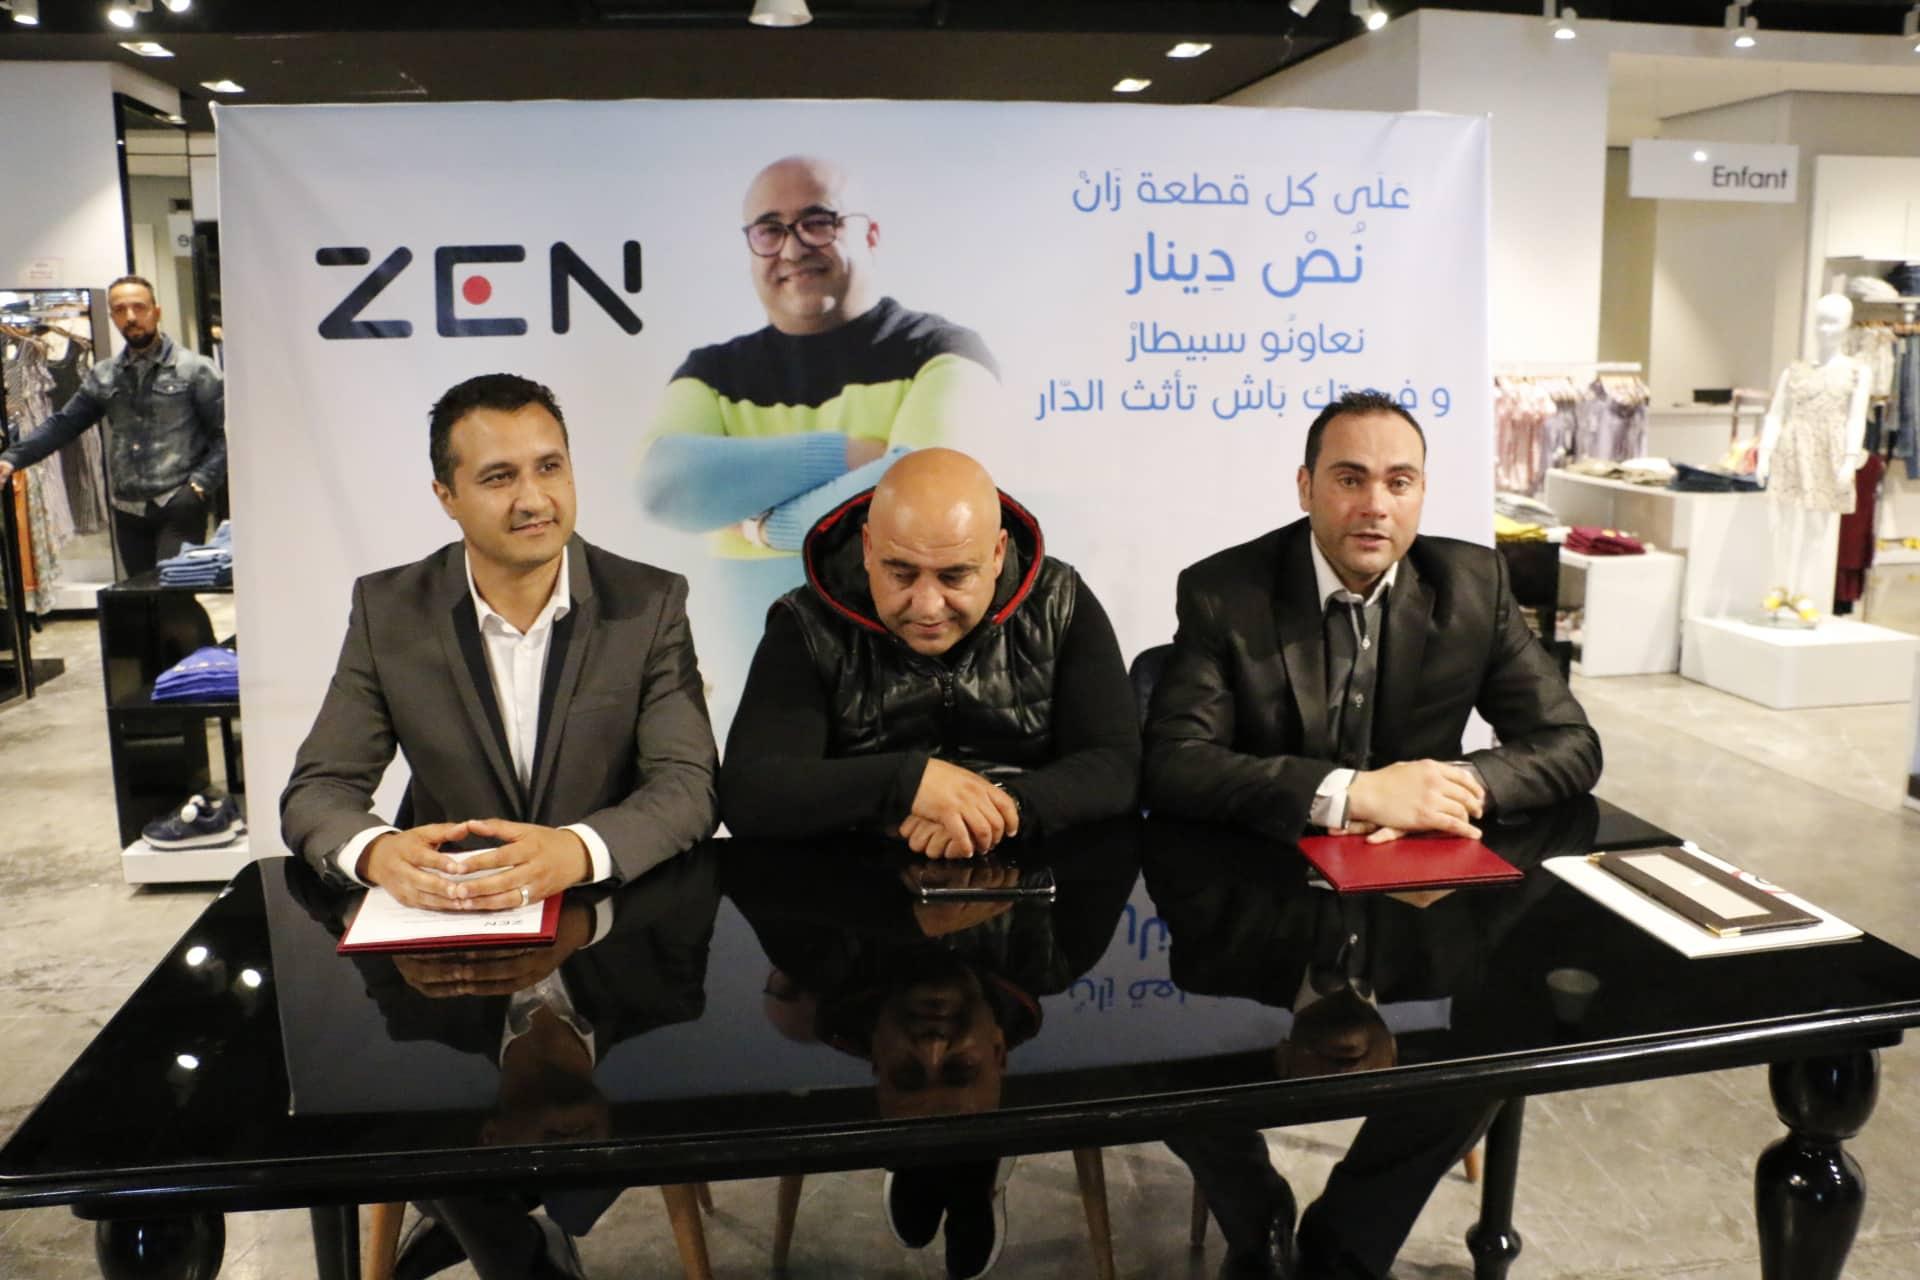 La marque ZEN lance son action sociale